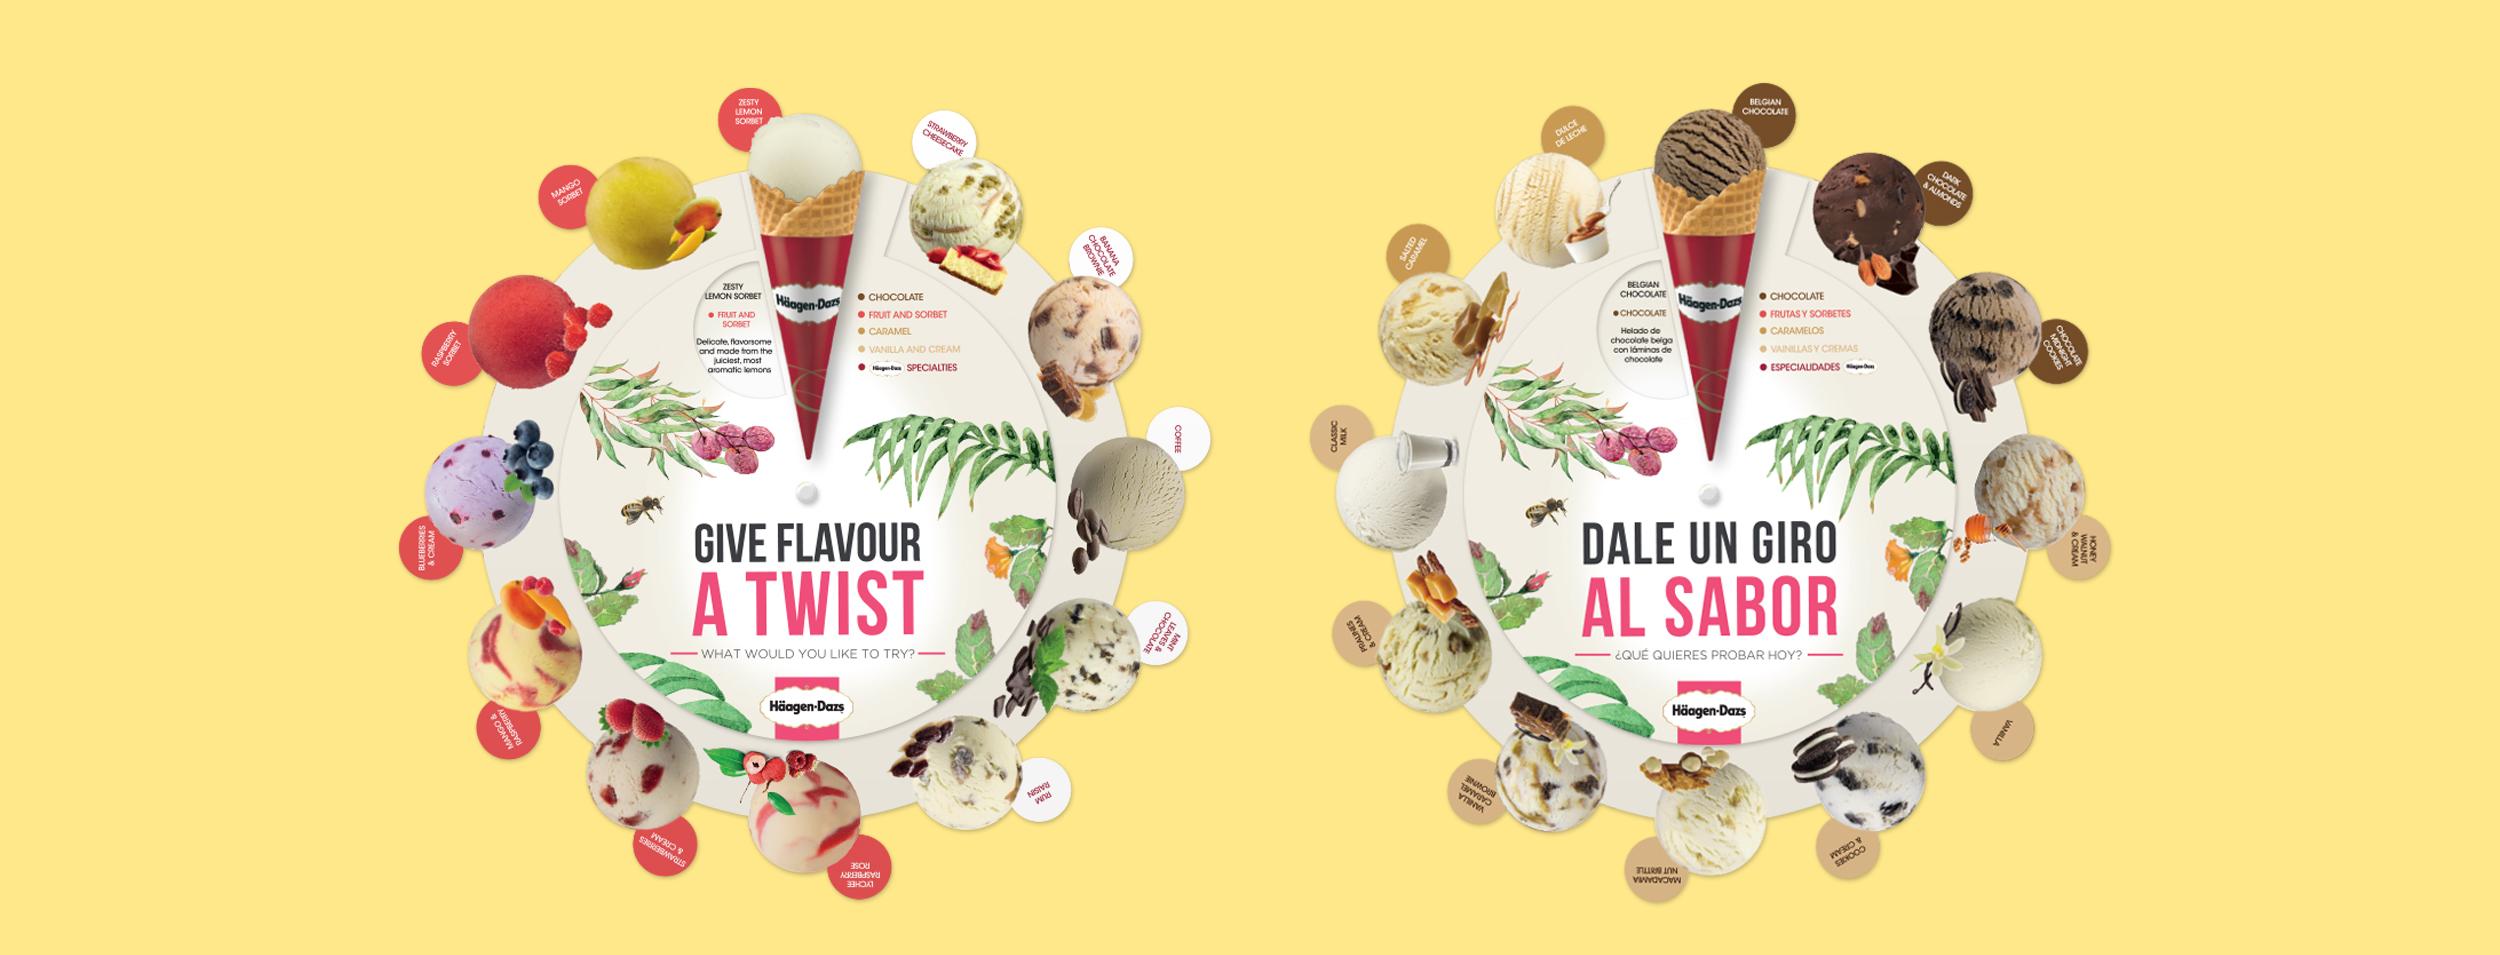 """La imagen muestra dos versiones (inglés y castellano) de una carta giratoria realizada para Häagen-Dazs. Consta de una pieza central donde se muestran las bolas de helado y dos piezas, una a cada lado, con un cono. En la versión inglesa el claim es """"Give flavour a twist"""" y en la española, """"dale un giro al sabor""""."""